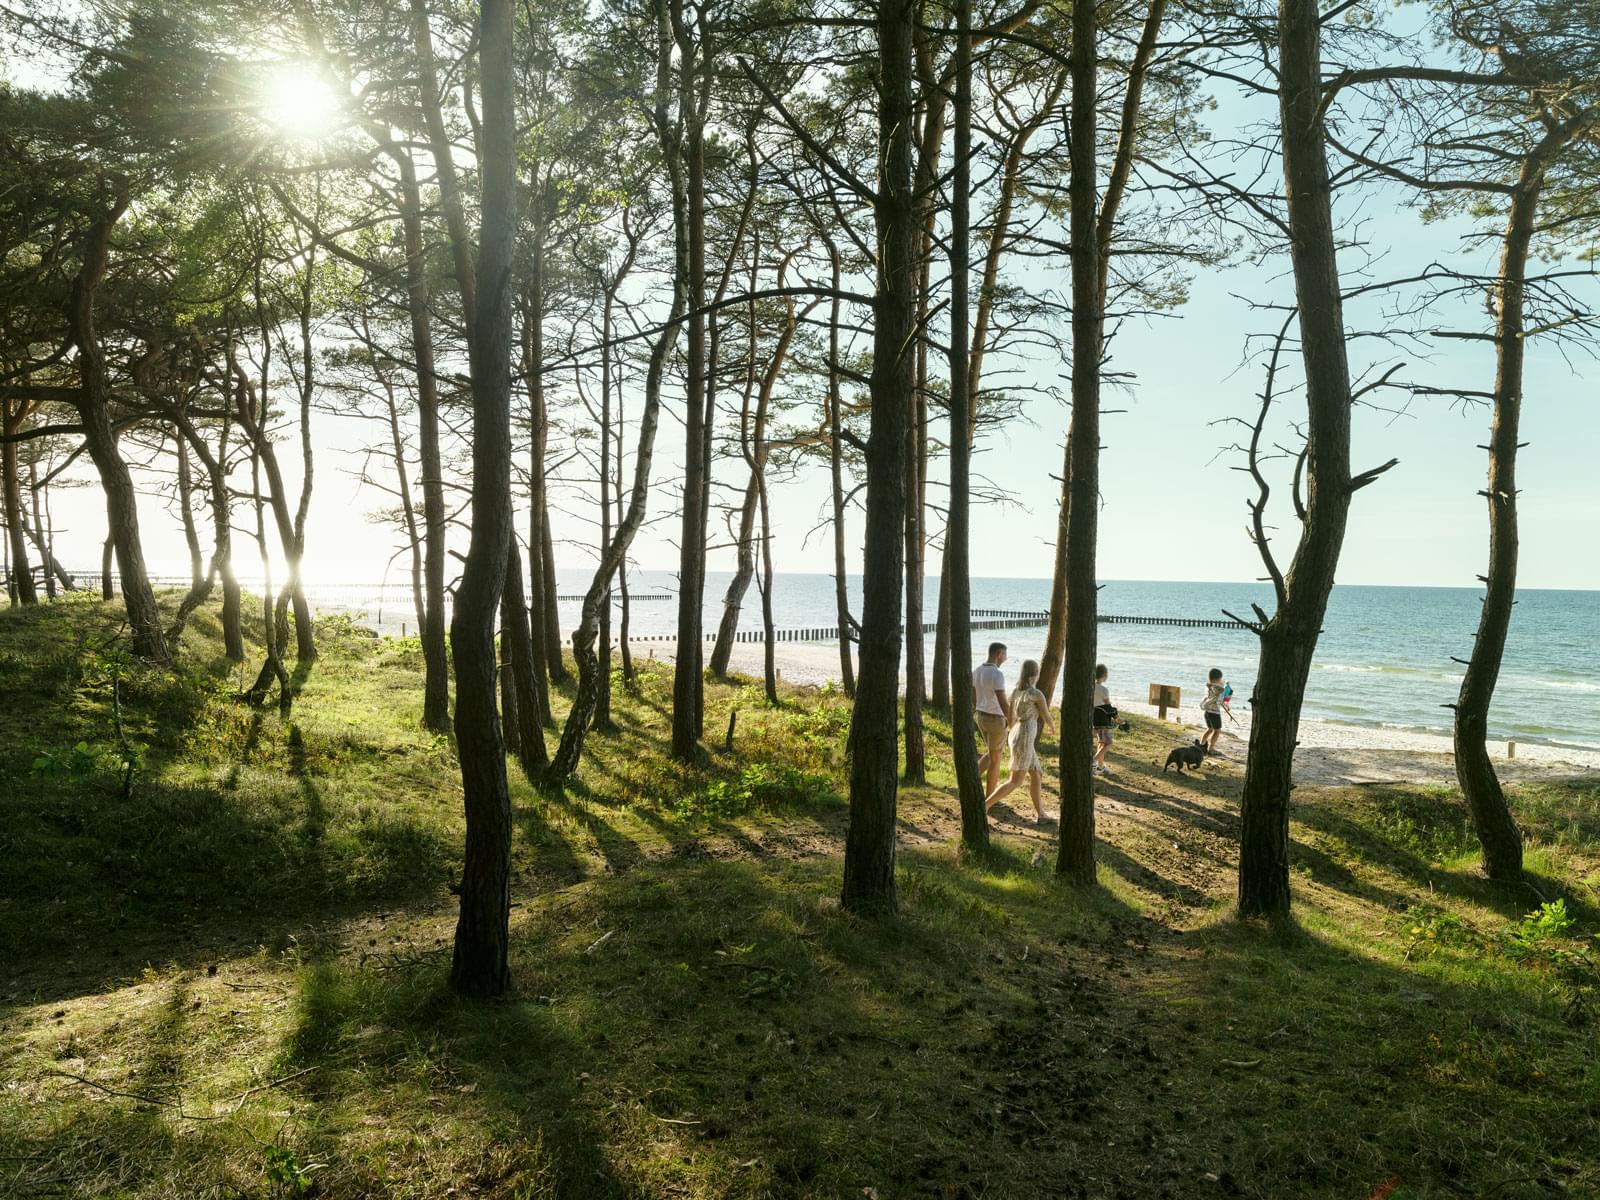 Zejście na plażę między drzewami